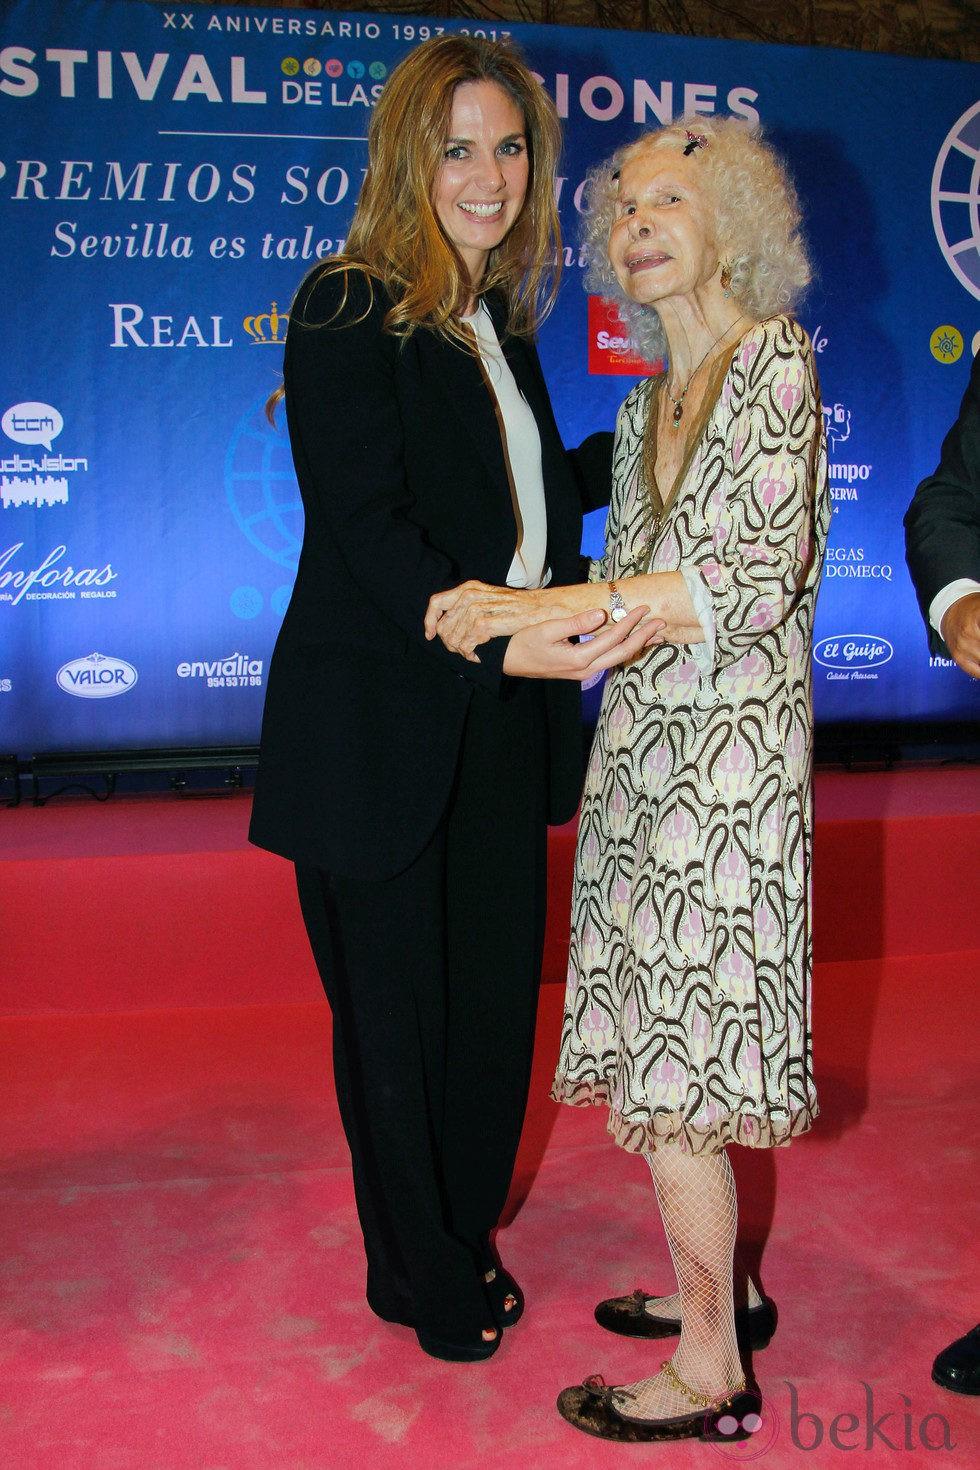 La Duquesa de Alba entrega a Genoveva Casanova el Premio Solidario del Festival de las Naciones 2013